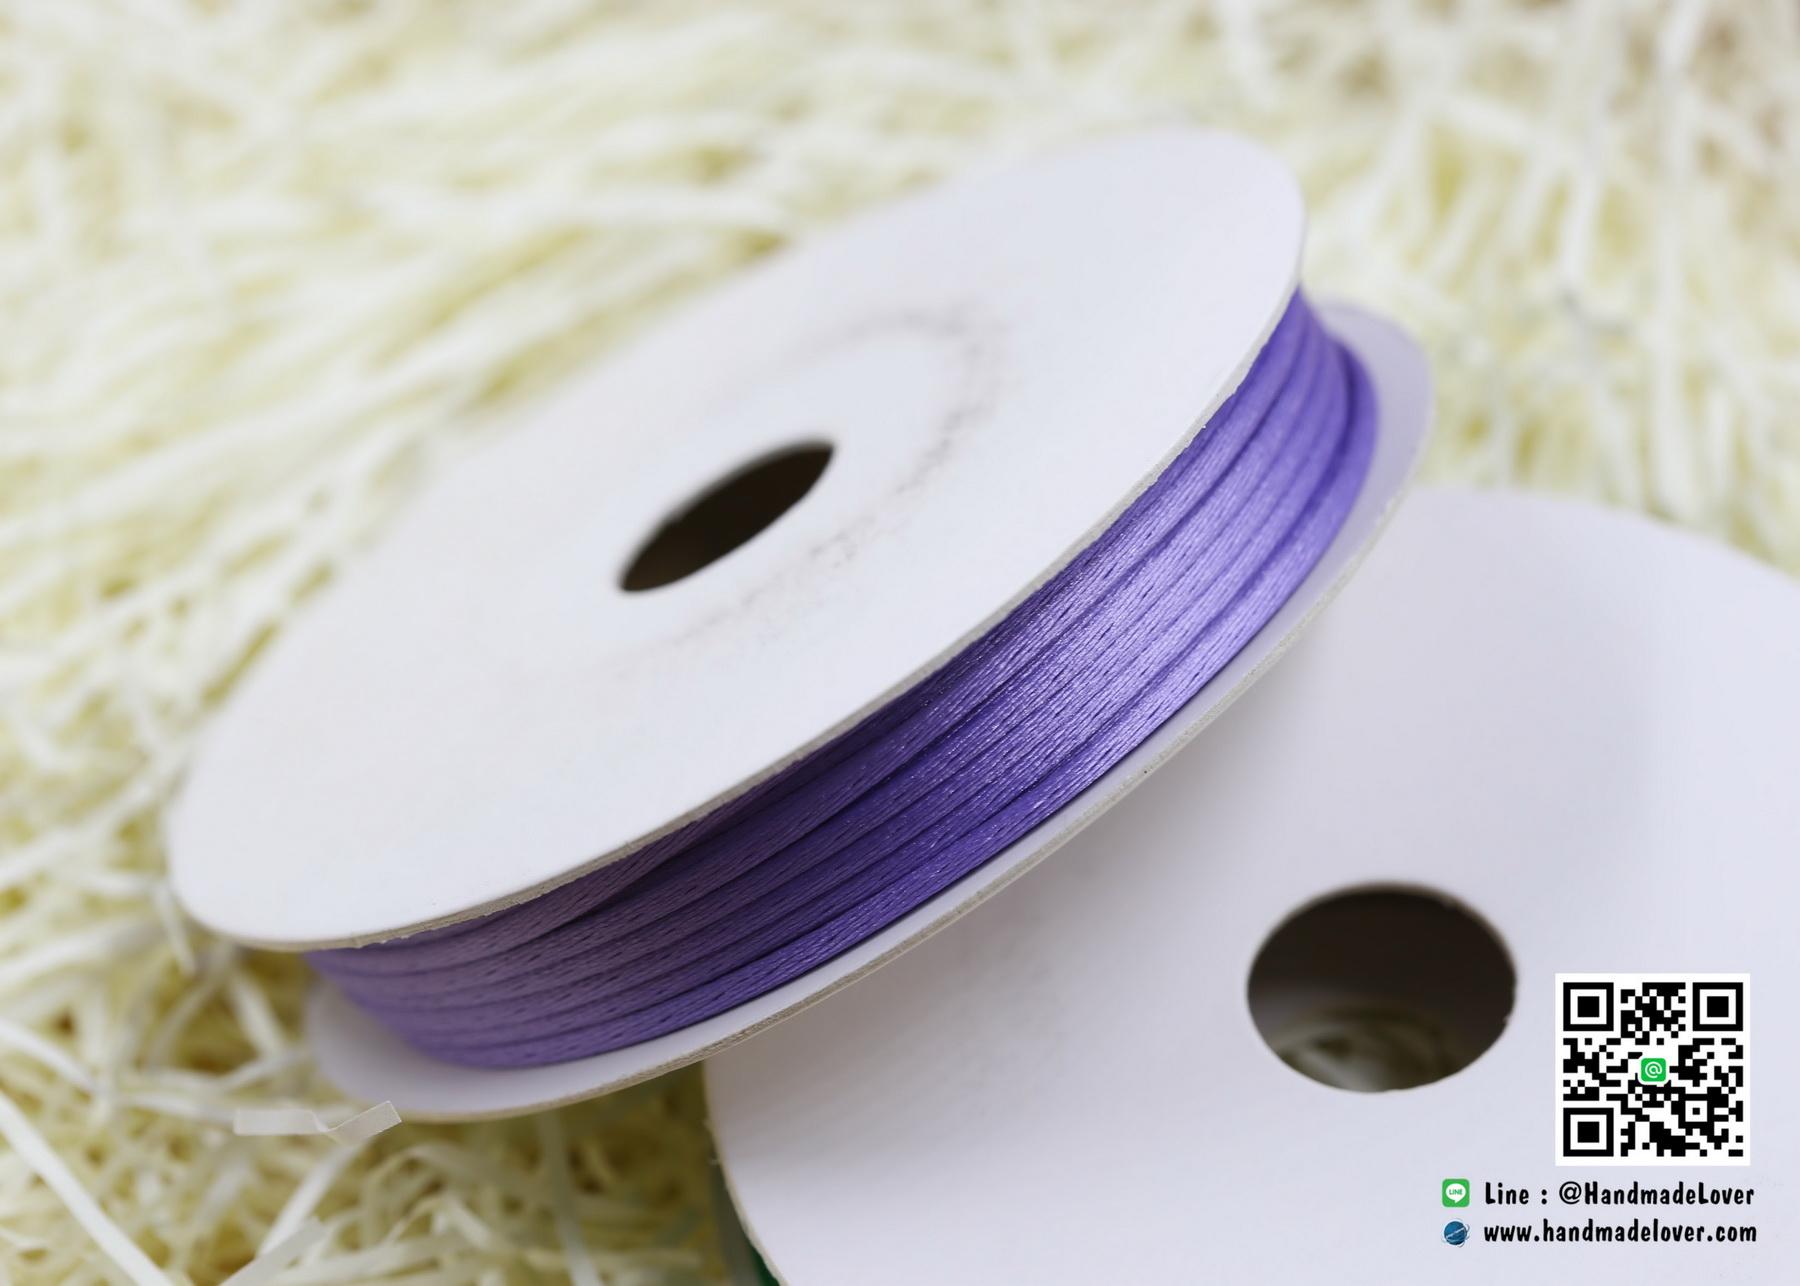 เชือกหางหนู สีม่วง [21] ขนาด 2 มิล [อย่างดี เนื้อนุ่ม]